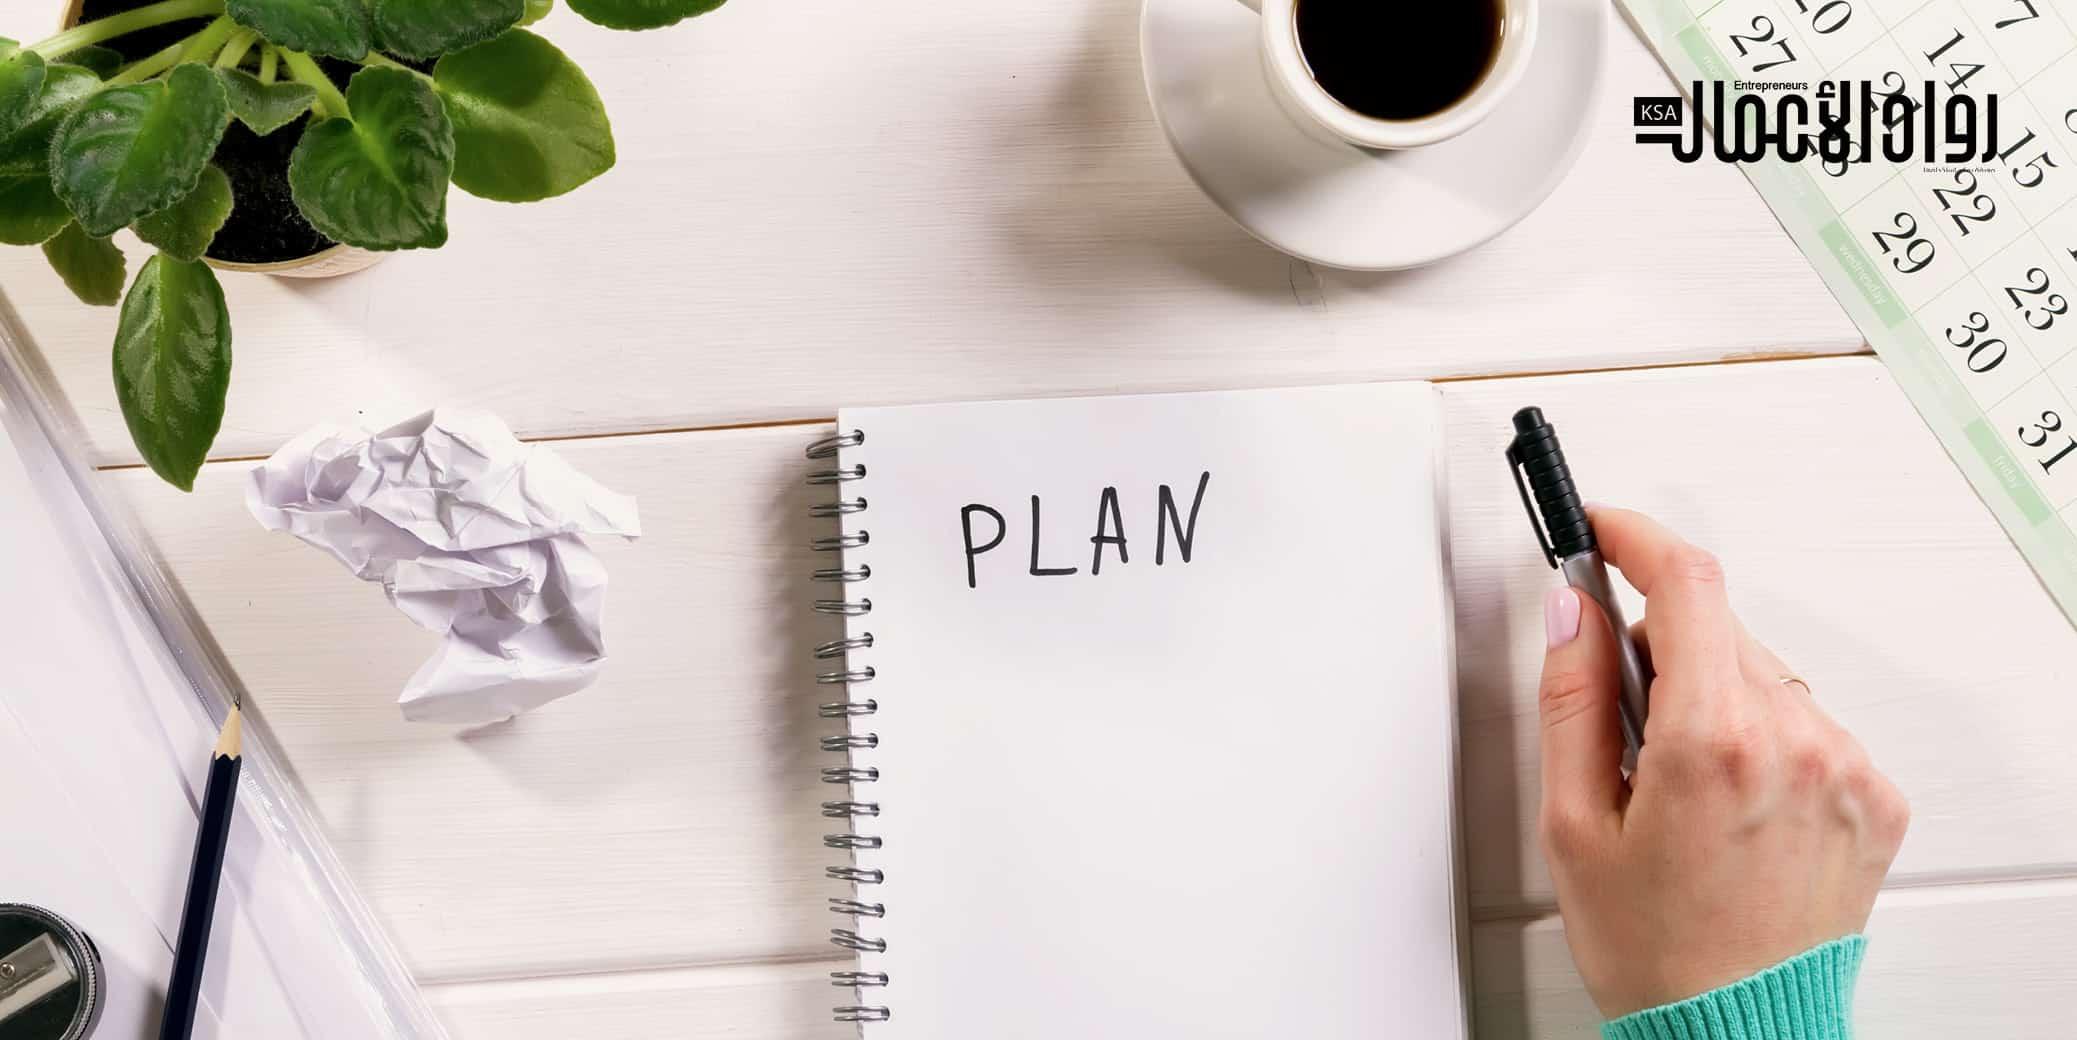 خطة مضمونة للنجاح